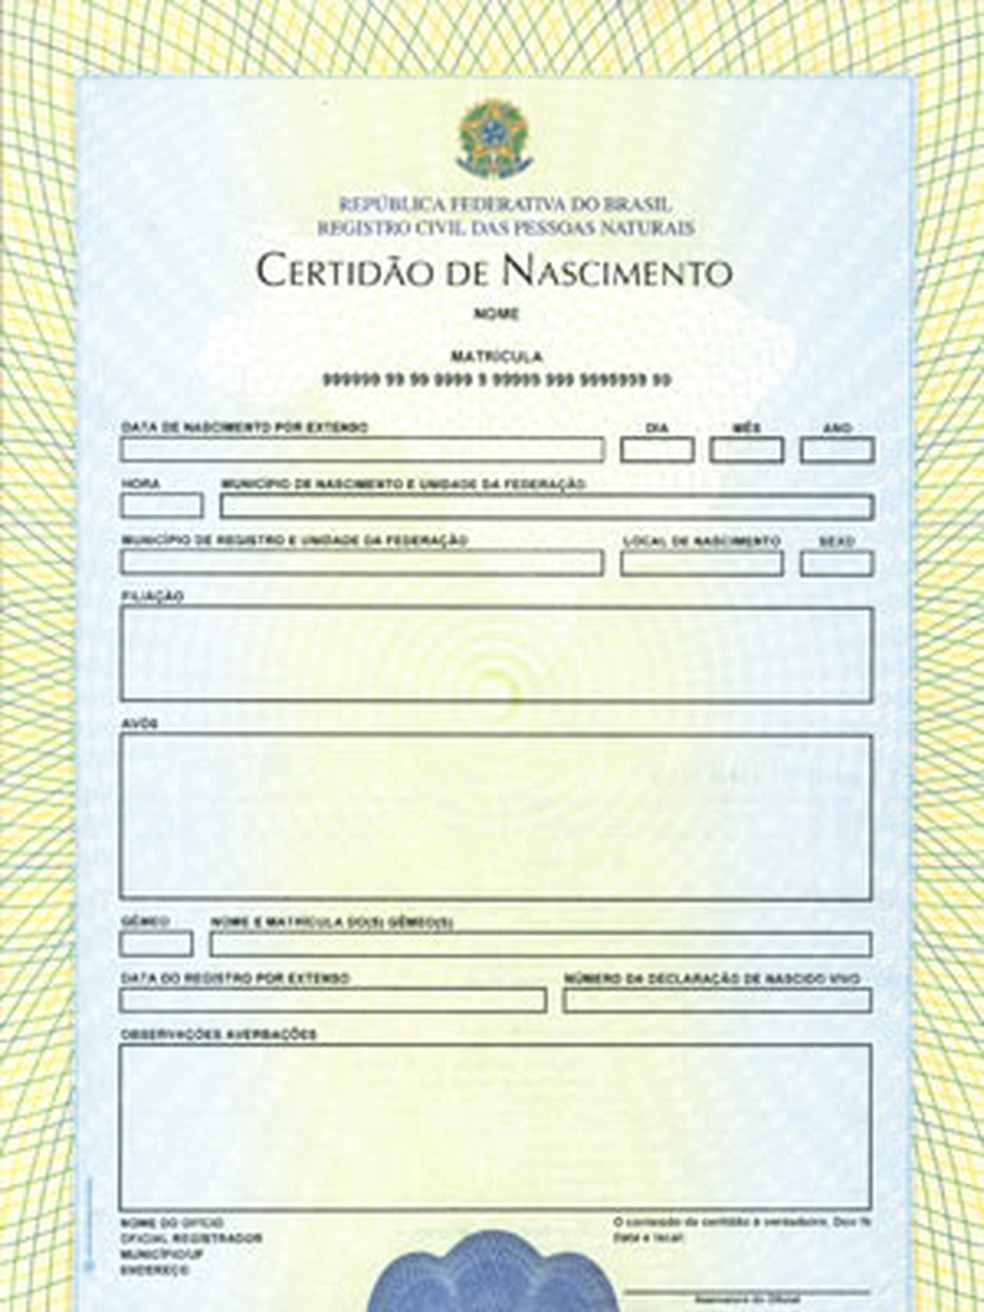 Modelo atual de certidão de nascimento, em imagem de divulgação (Foto: Divulgação/Ministério da Justiça)